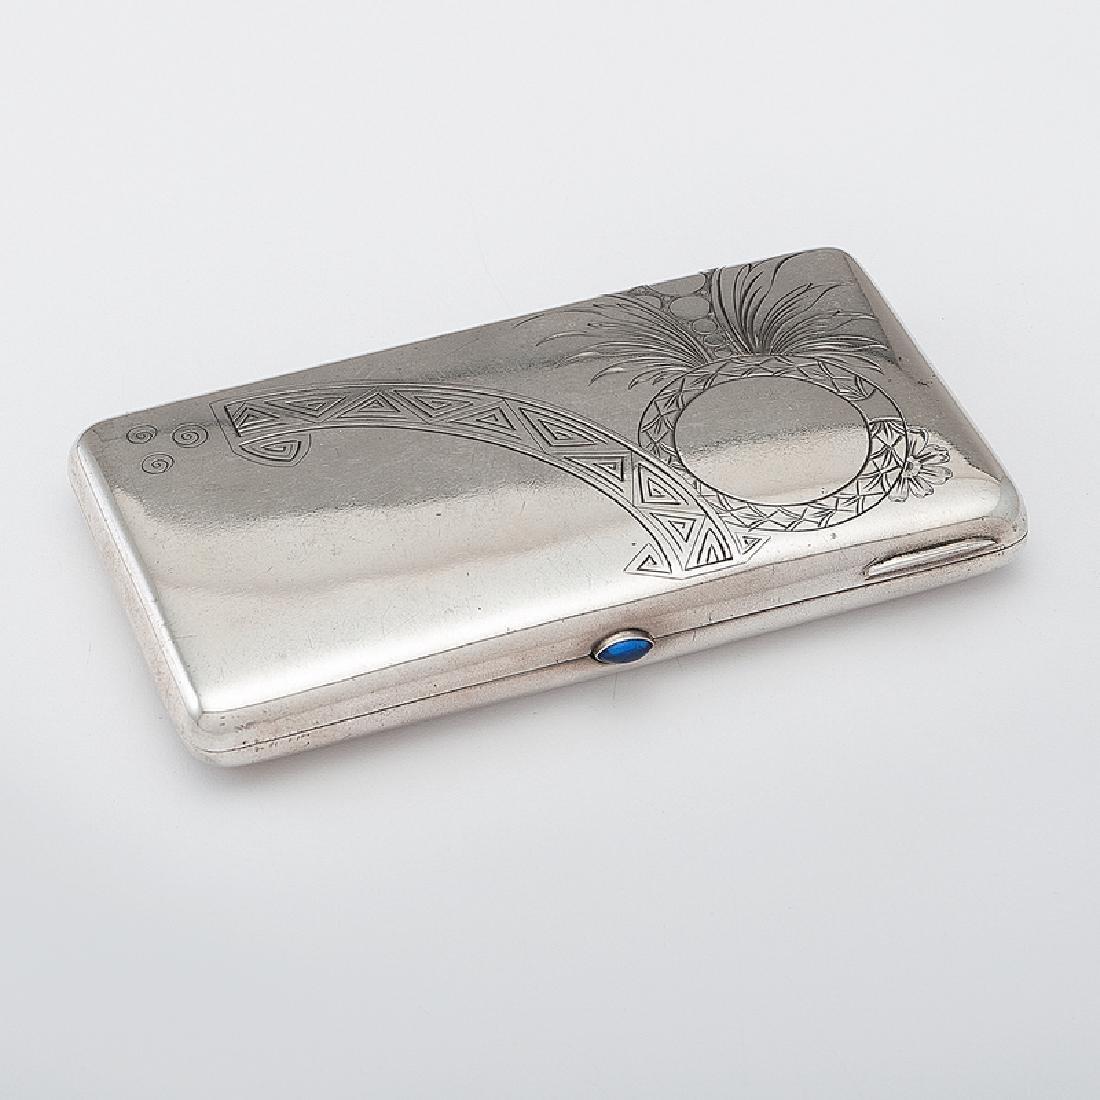 Russian Silver Cigarette Case with Sapphire Cabochon